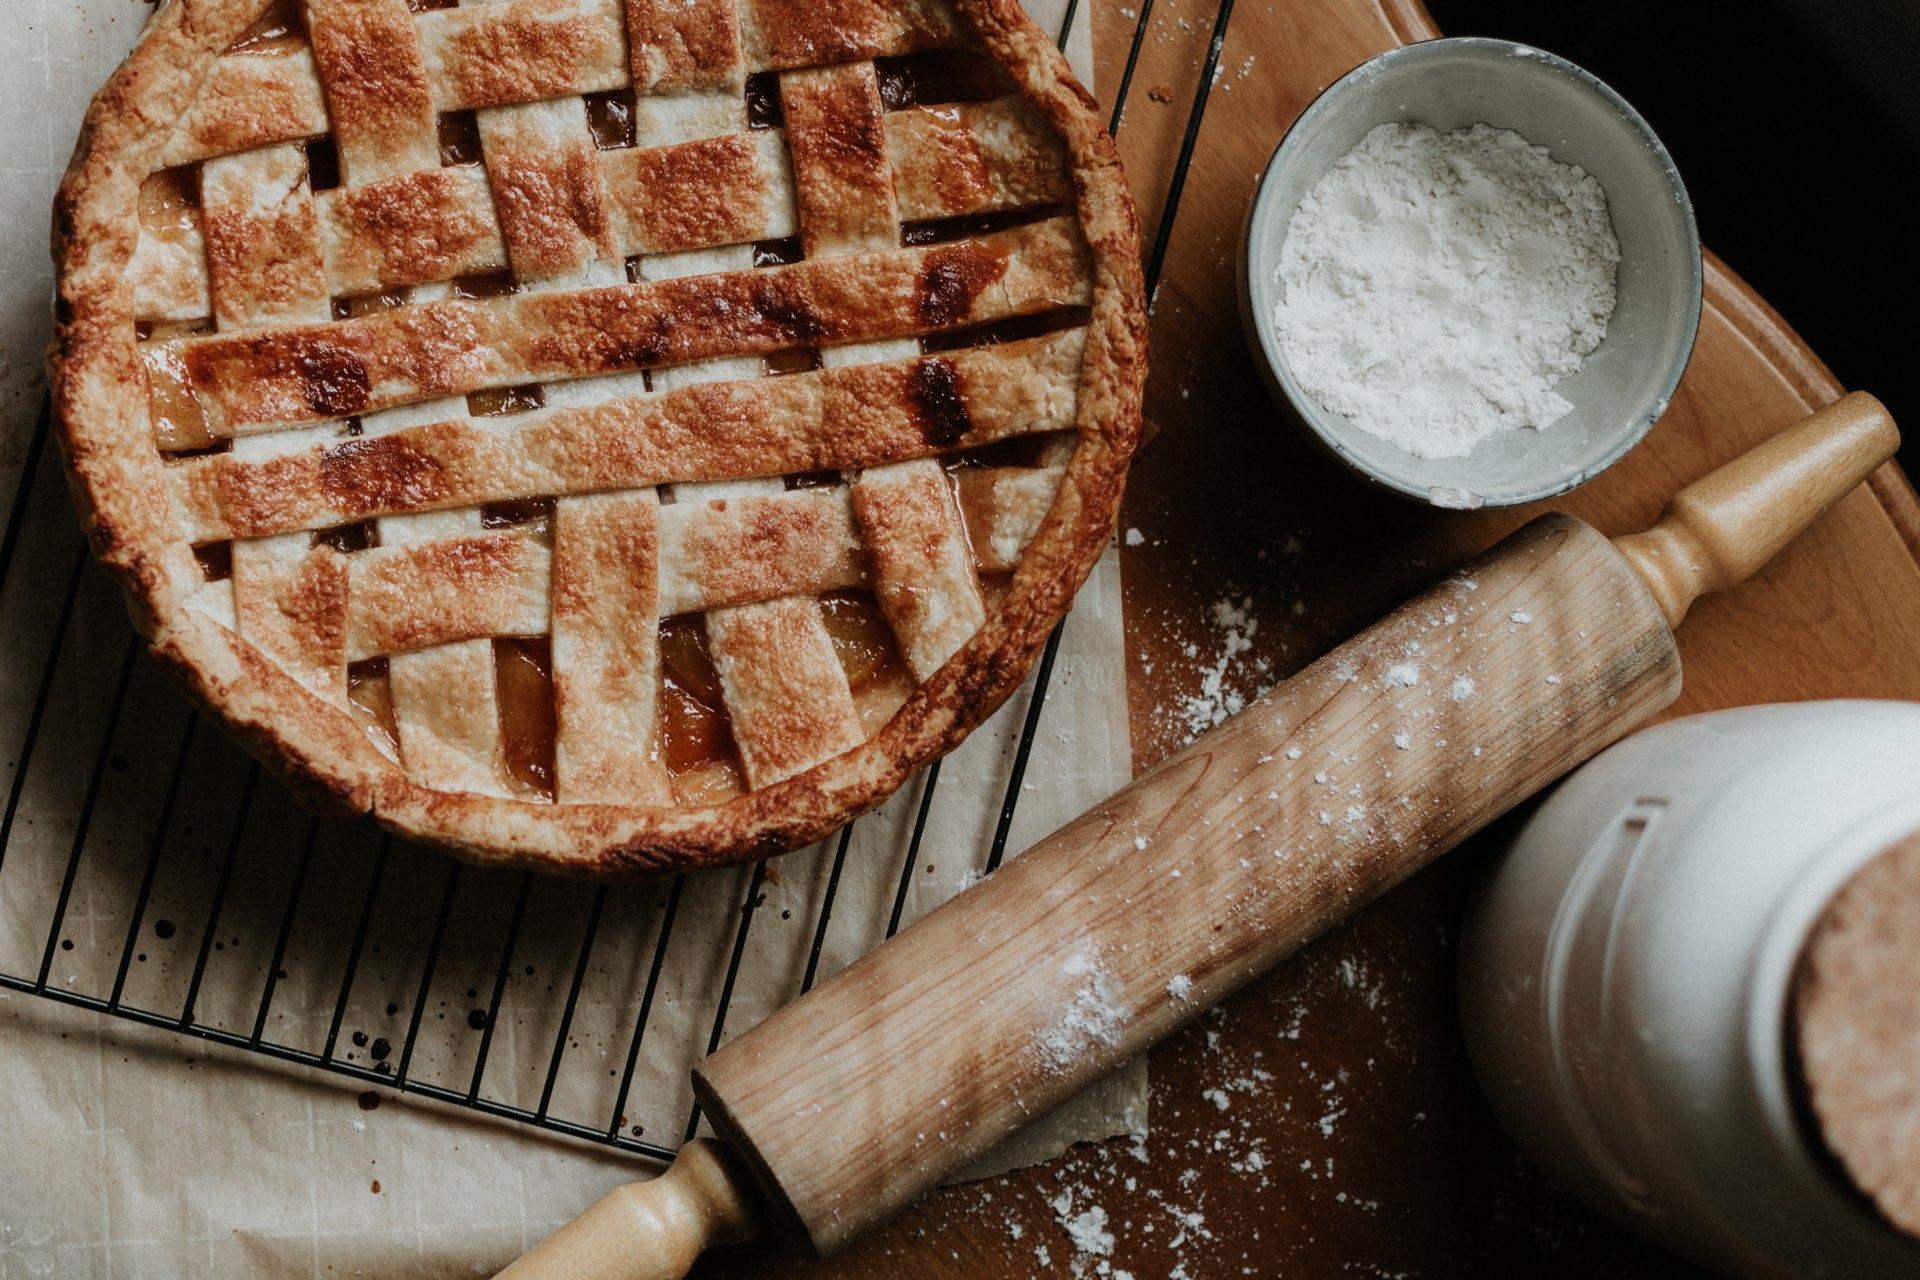 Pie Making with Pastry Chef Sophia Davila